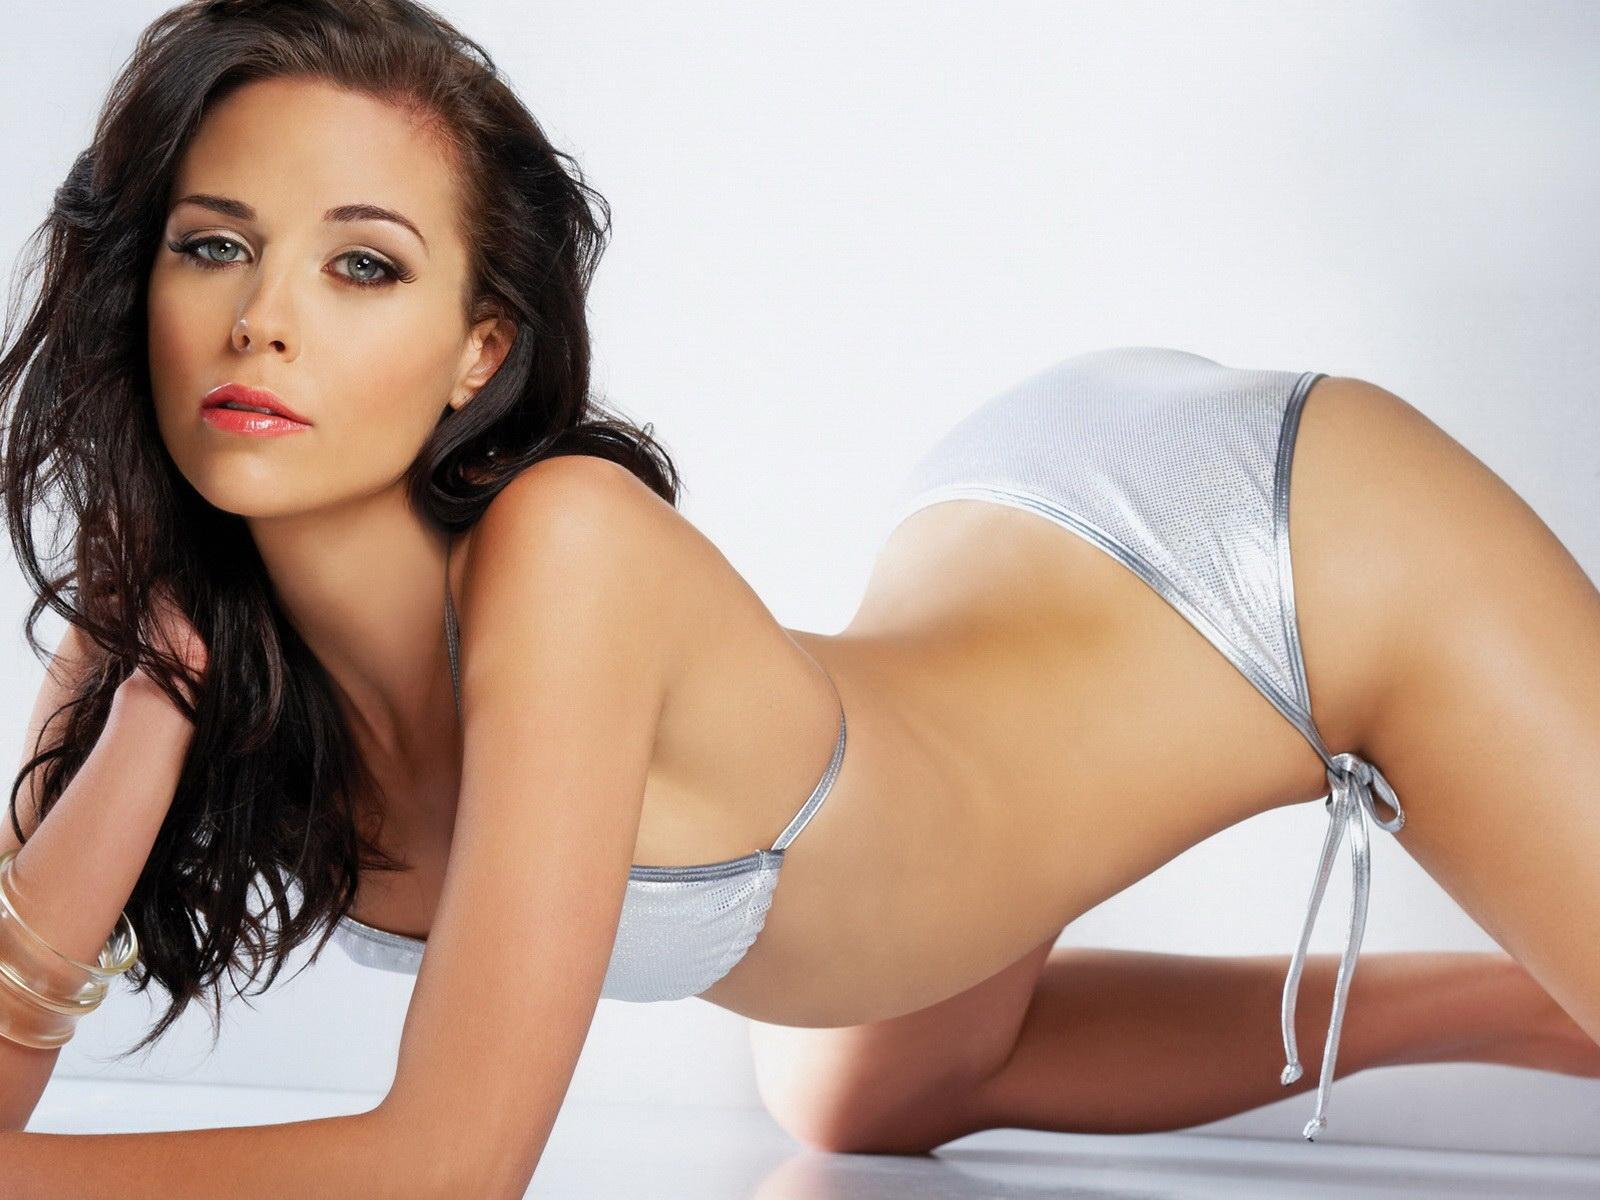 Порно звезды съемки передачи, видео русские девушки рассматривают член